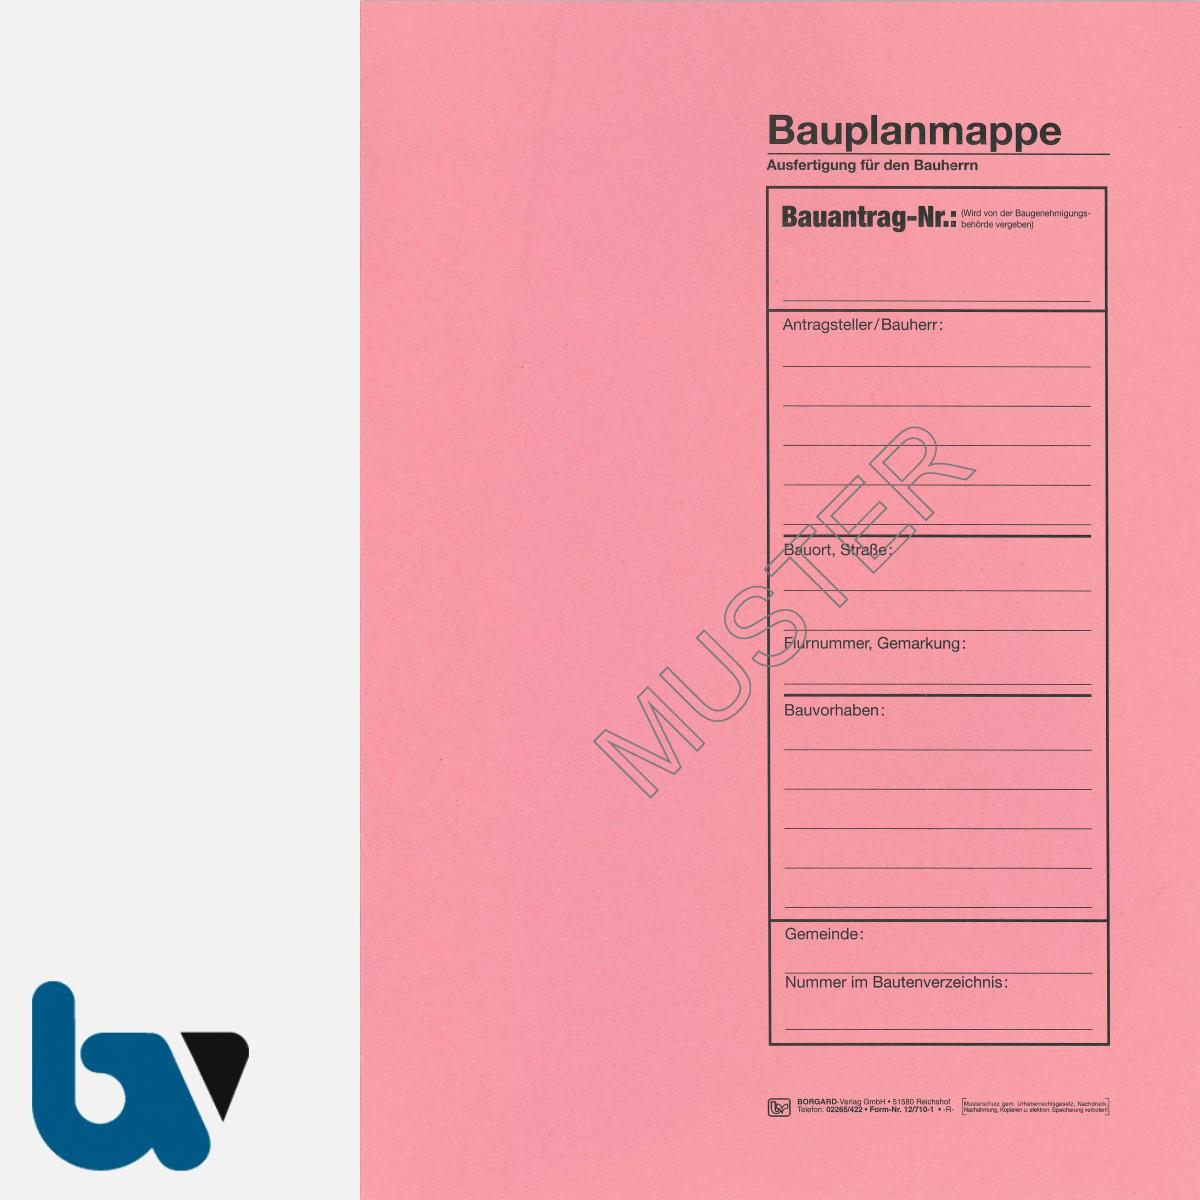 12/710-1 Bauplanmappe Ausfertigung Bauherr Karton rosa Einschlagdeckel Dokumentenschutz Verwahrung Archivierung DIN C4 Seite 1 | Borgard Verlag GmbH